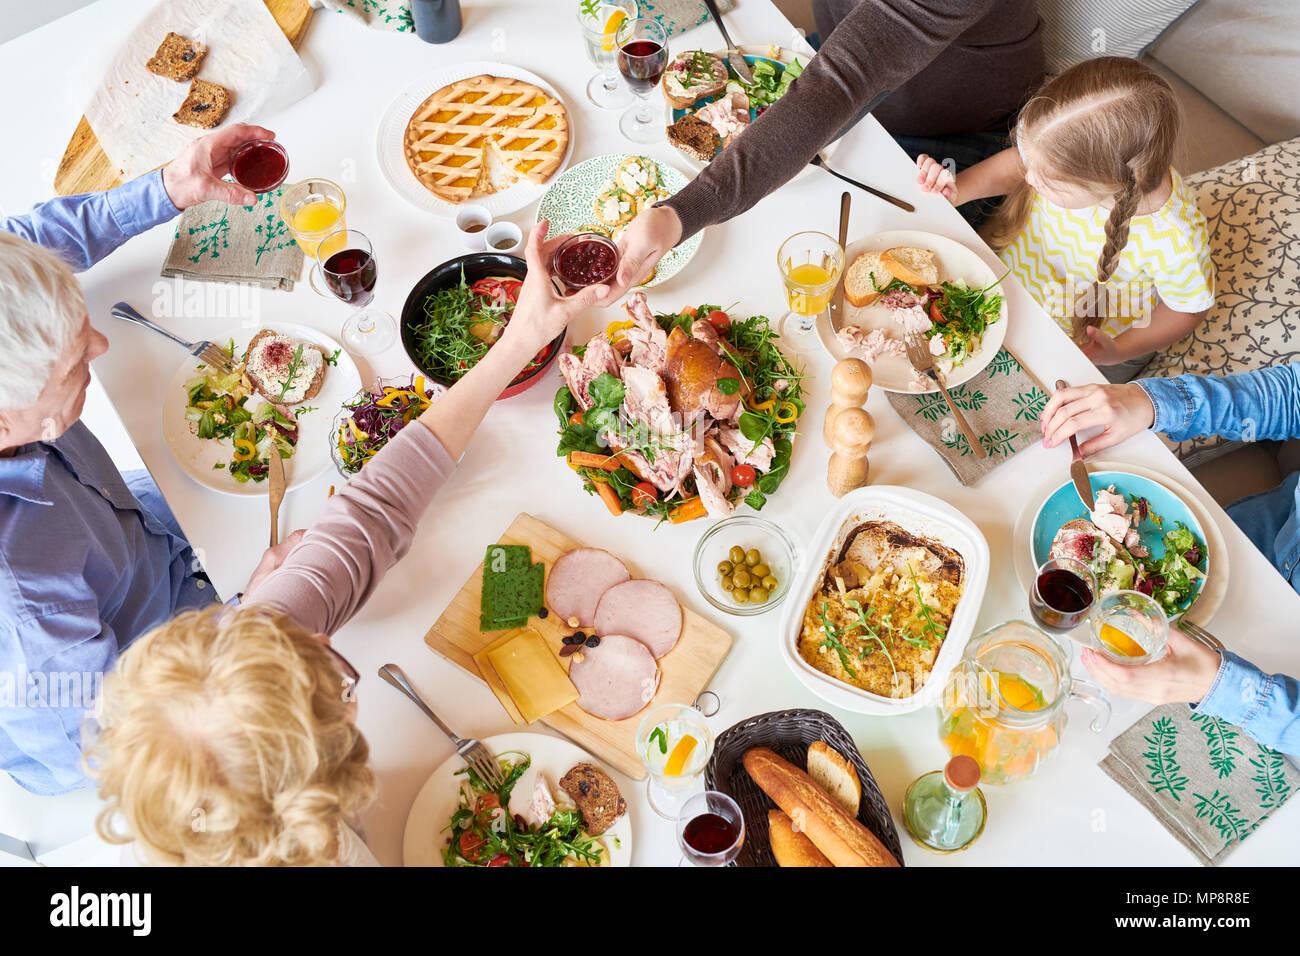 Voir ci-dessus de dîner en famille Photo Stock